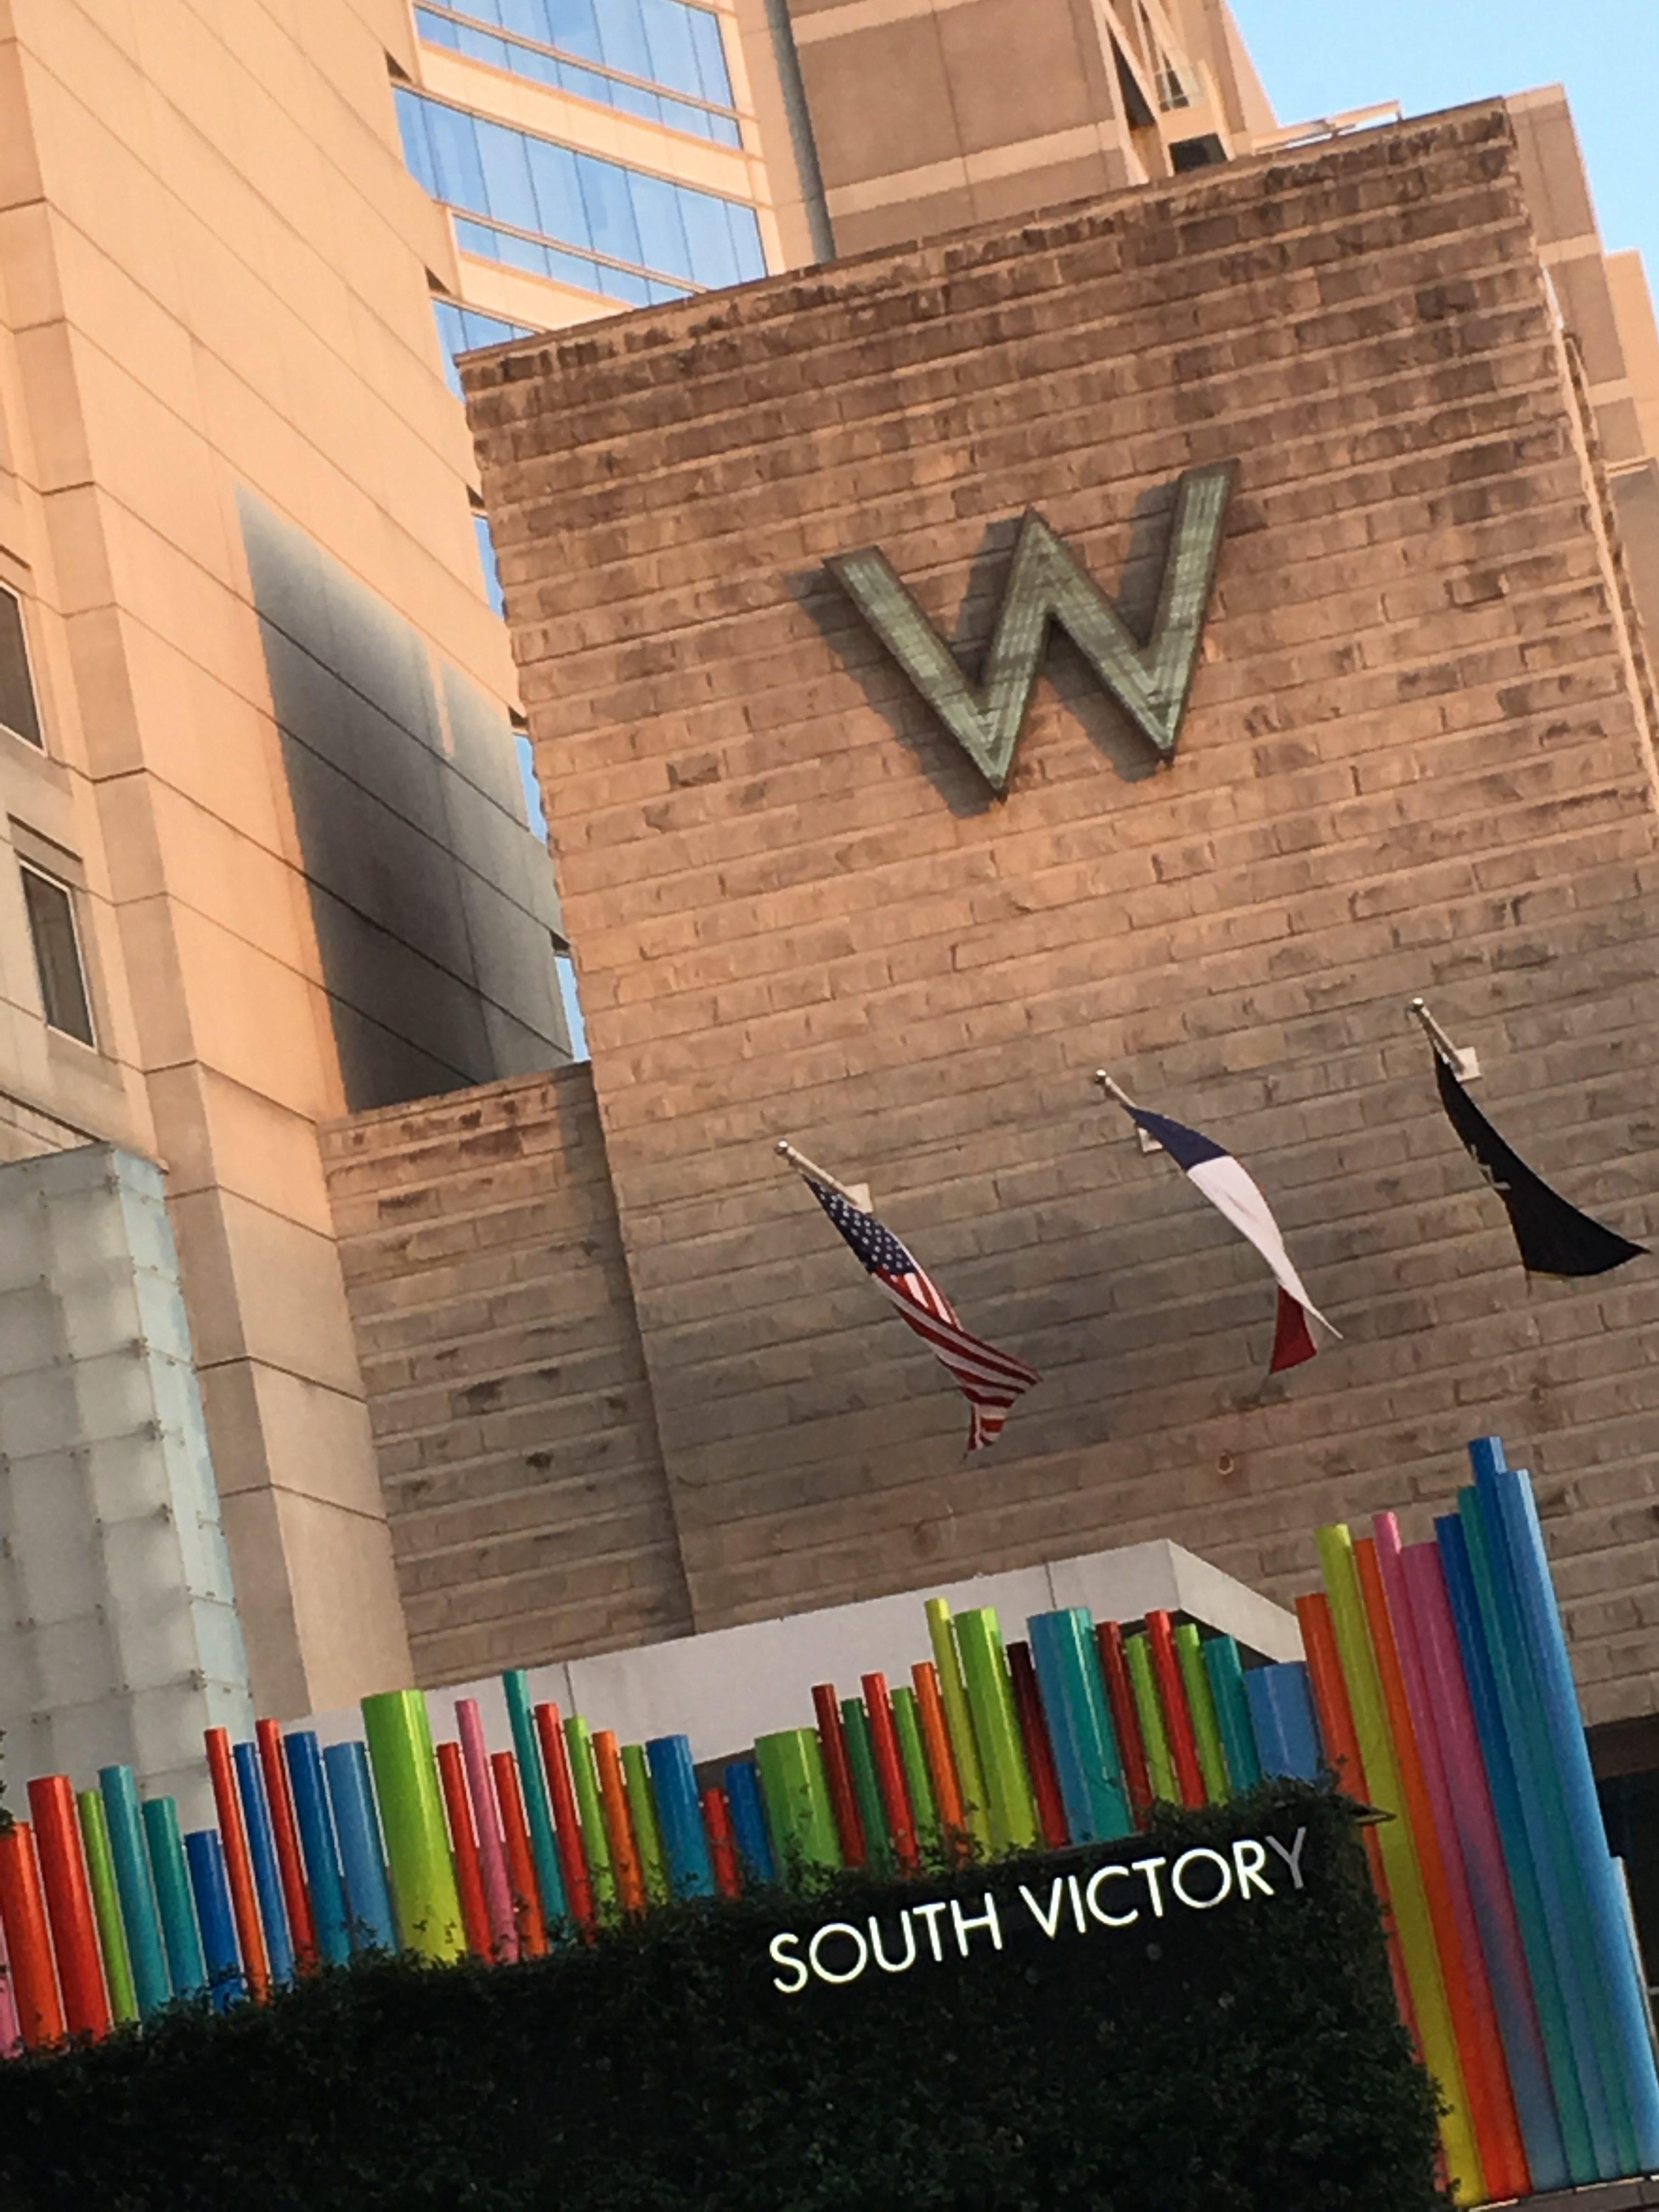 w dallas victory, dallas hotel, w hotels, spg, starwood hotels, dallas, downtown dallas, downtown dallas hotel